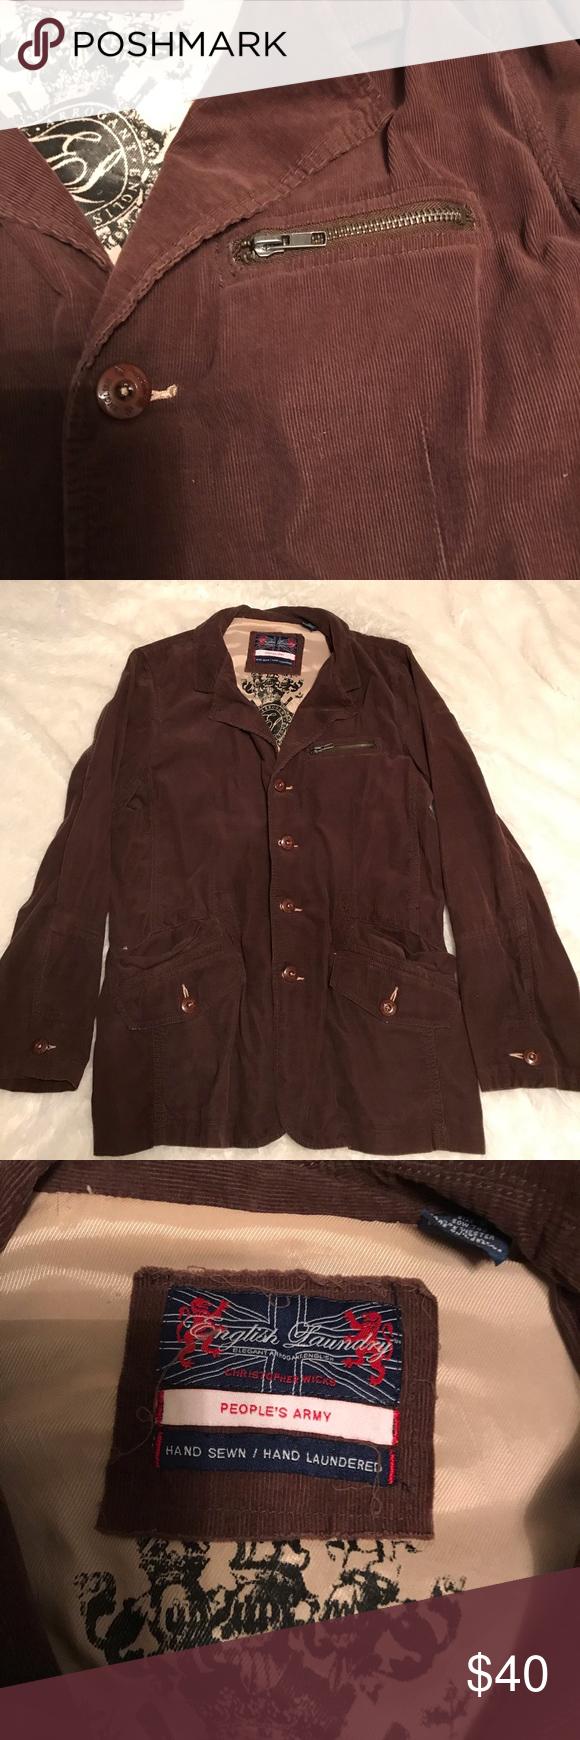 Vintage Mens English Laundry Jacket Laundry Jackets Fringe Leather Jacket Jackets [ 1740 x 580 Pixel ]